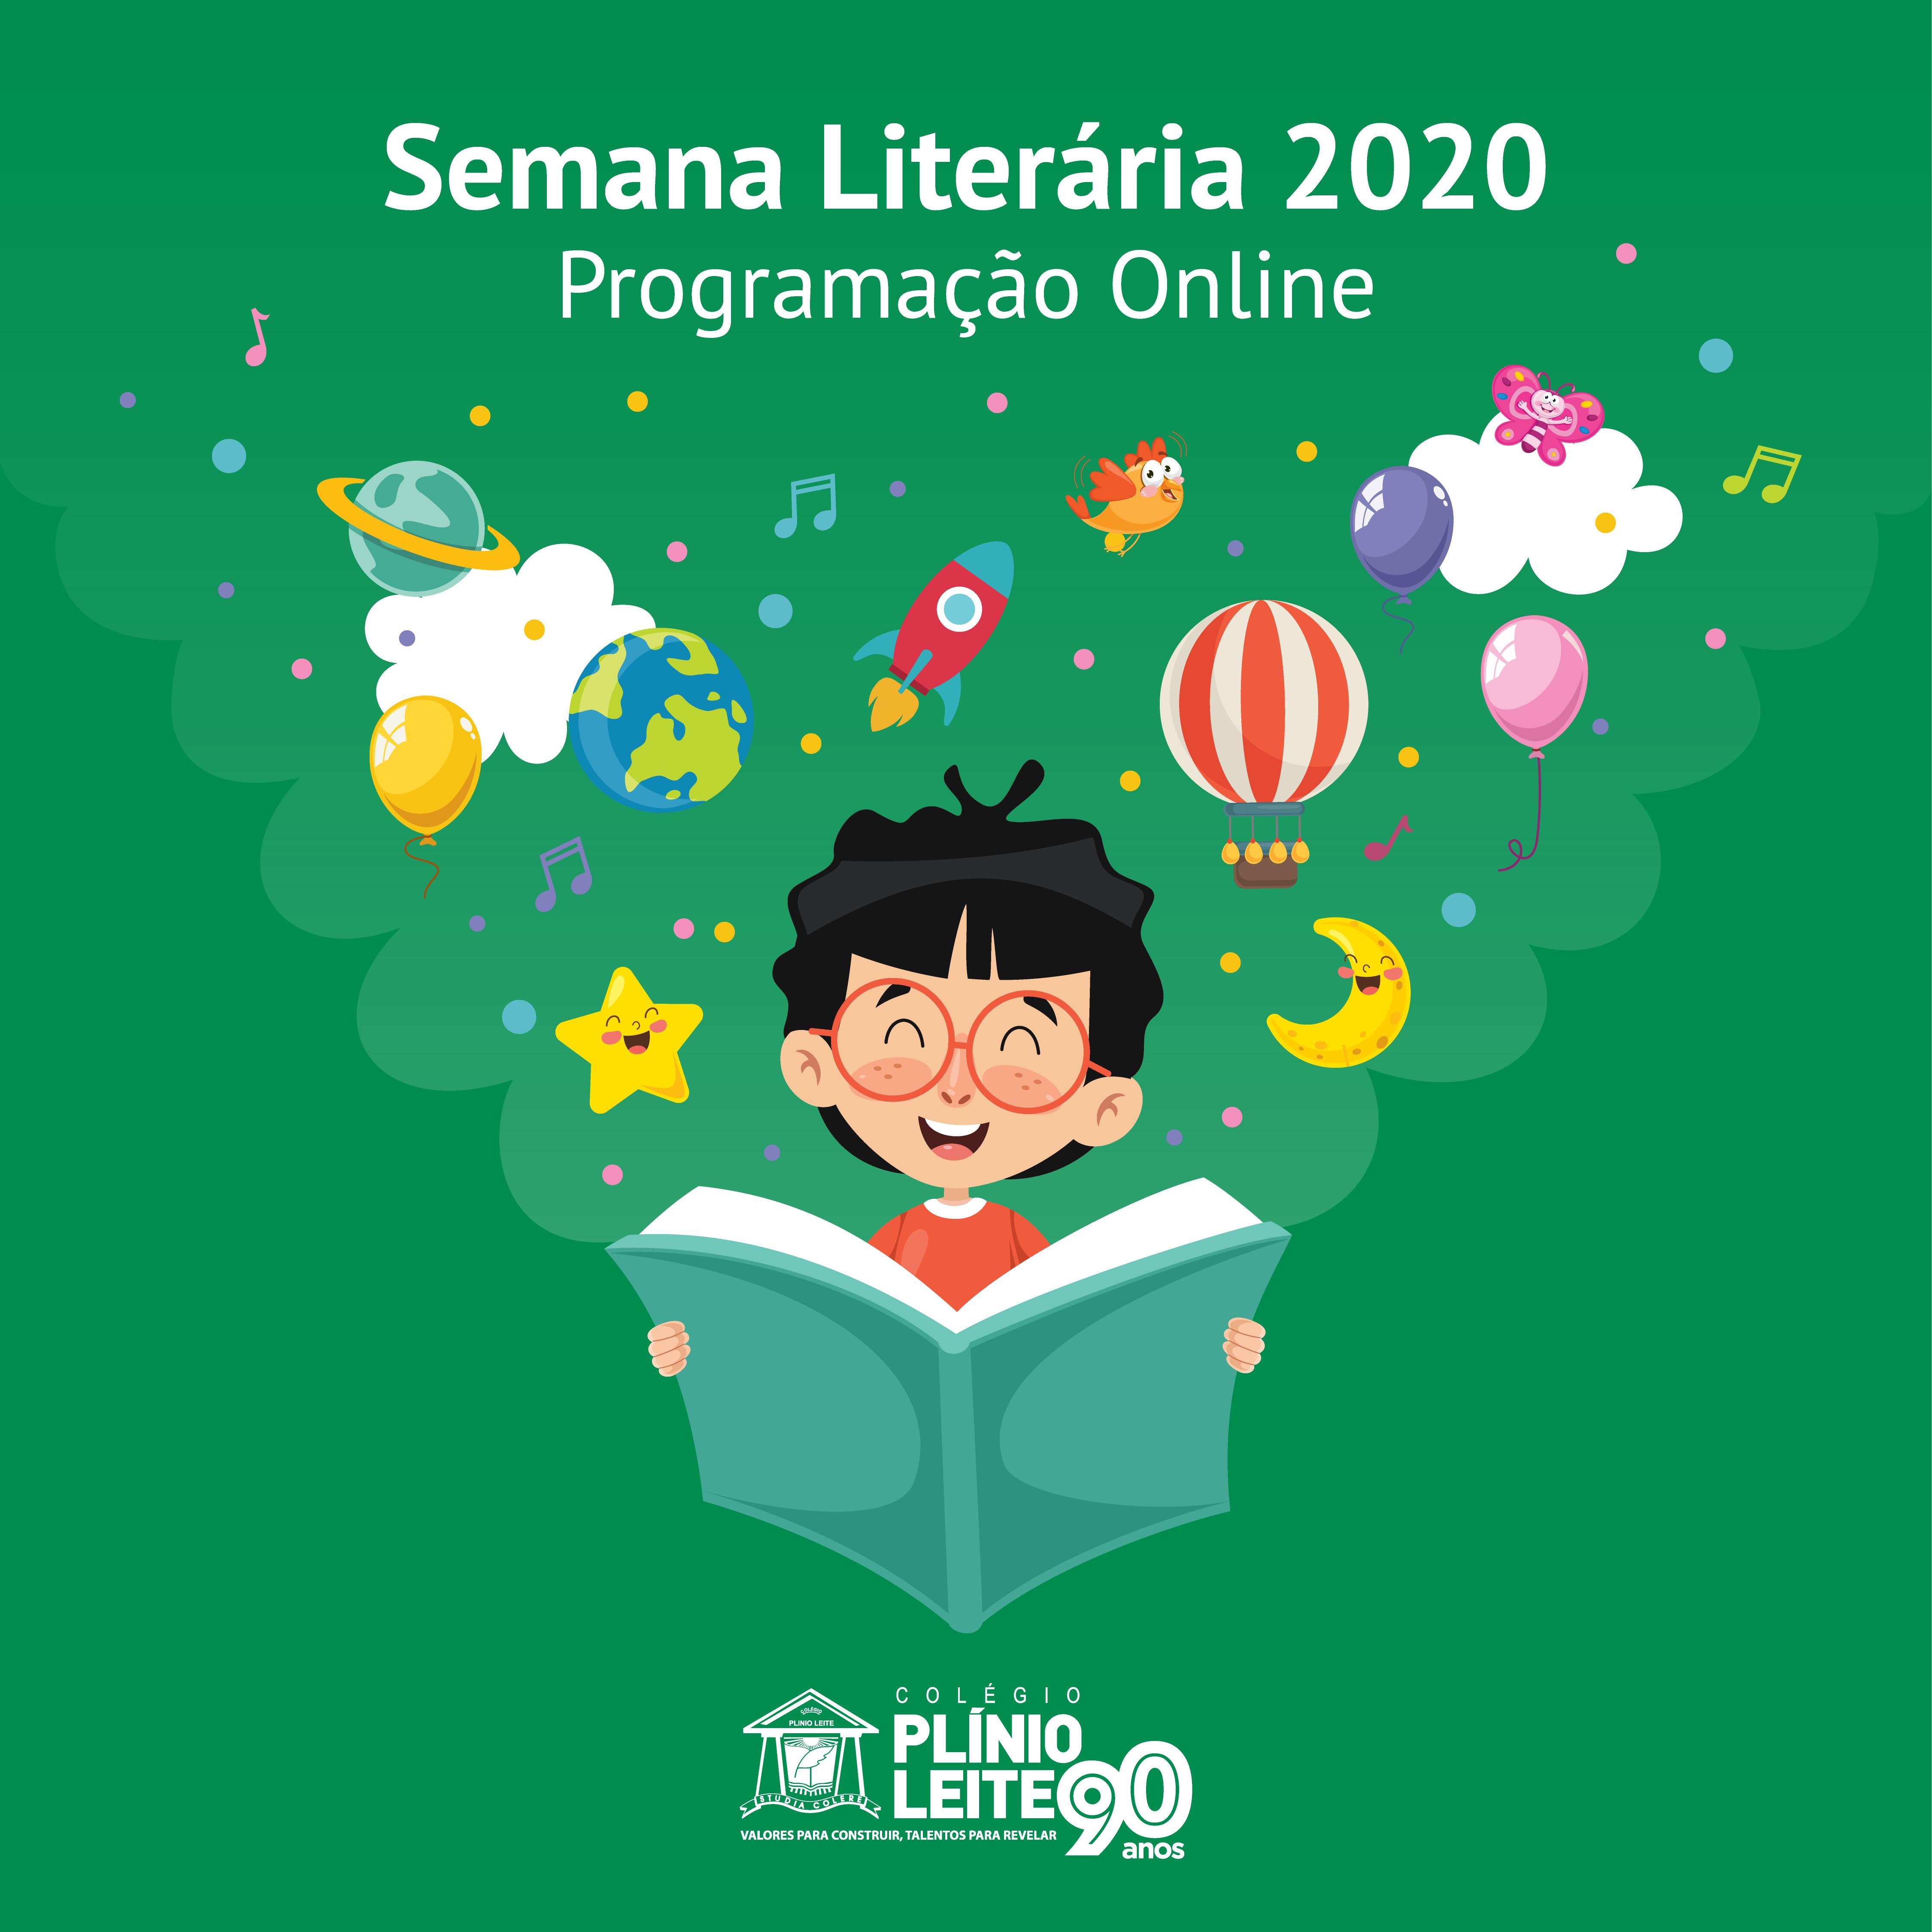 A Semana de Literária do Plínio Leite 2020